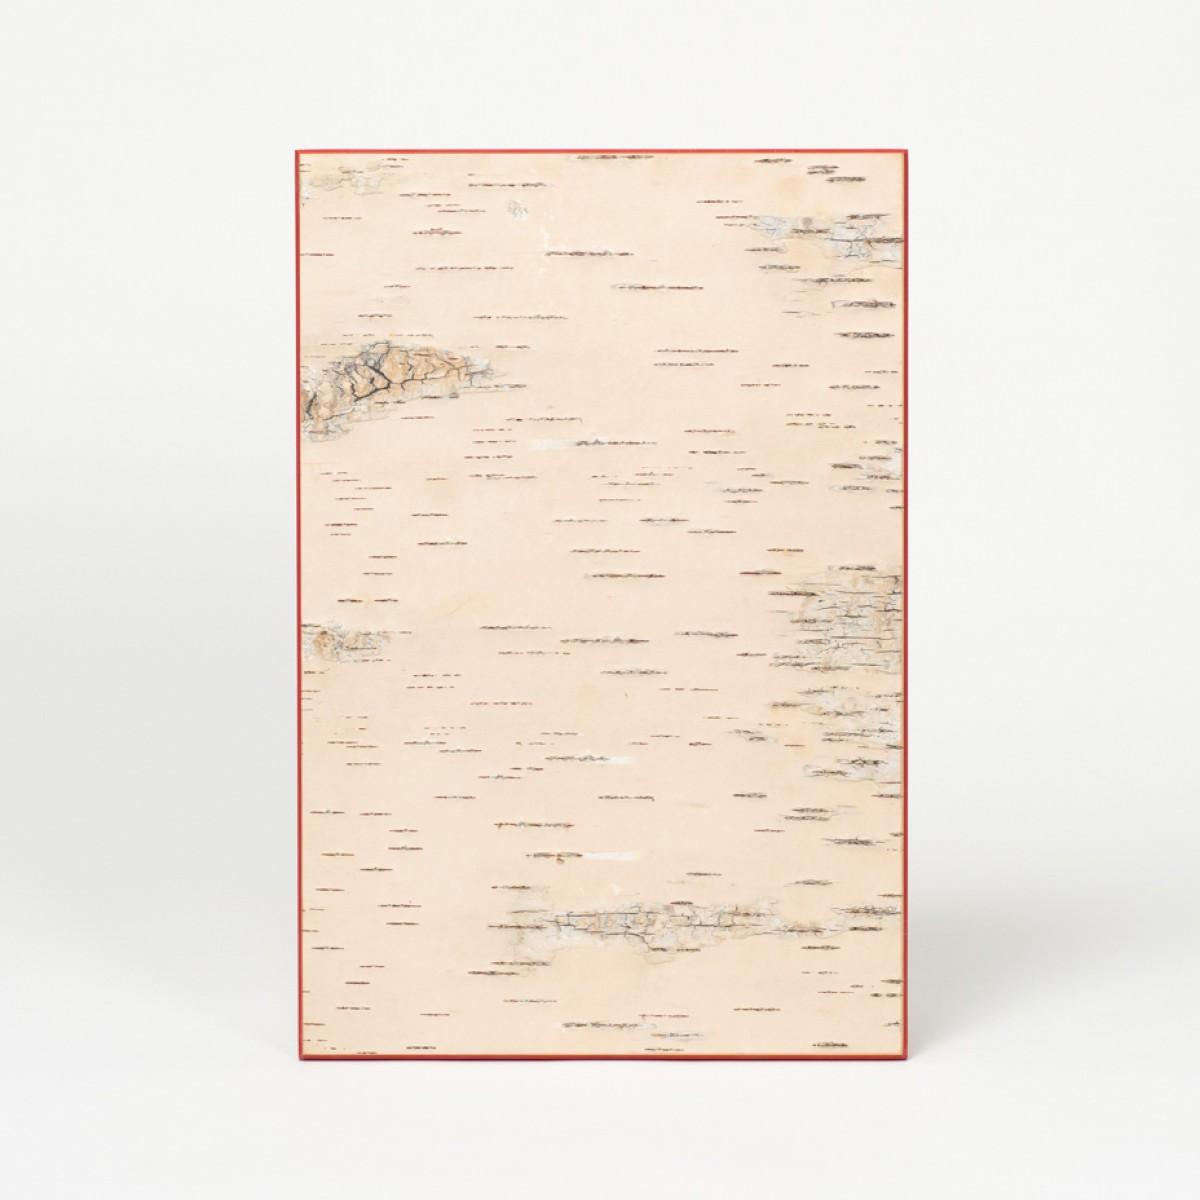 MOYA Wandbild aus geschälter Birkenrinde - KLEIN - Birken Wandpaneele